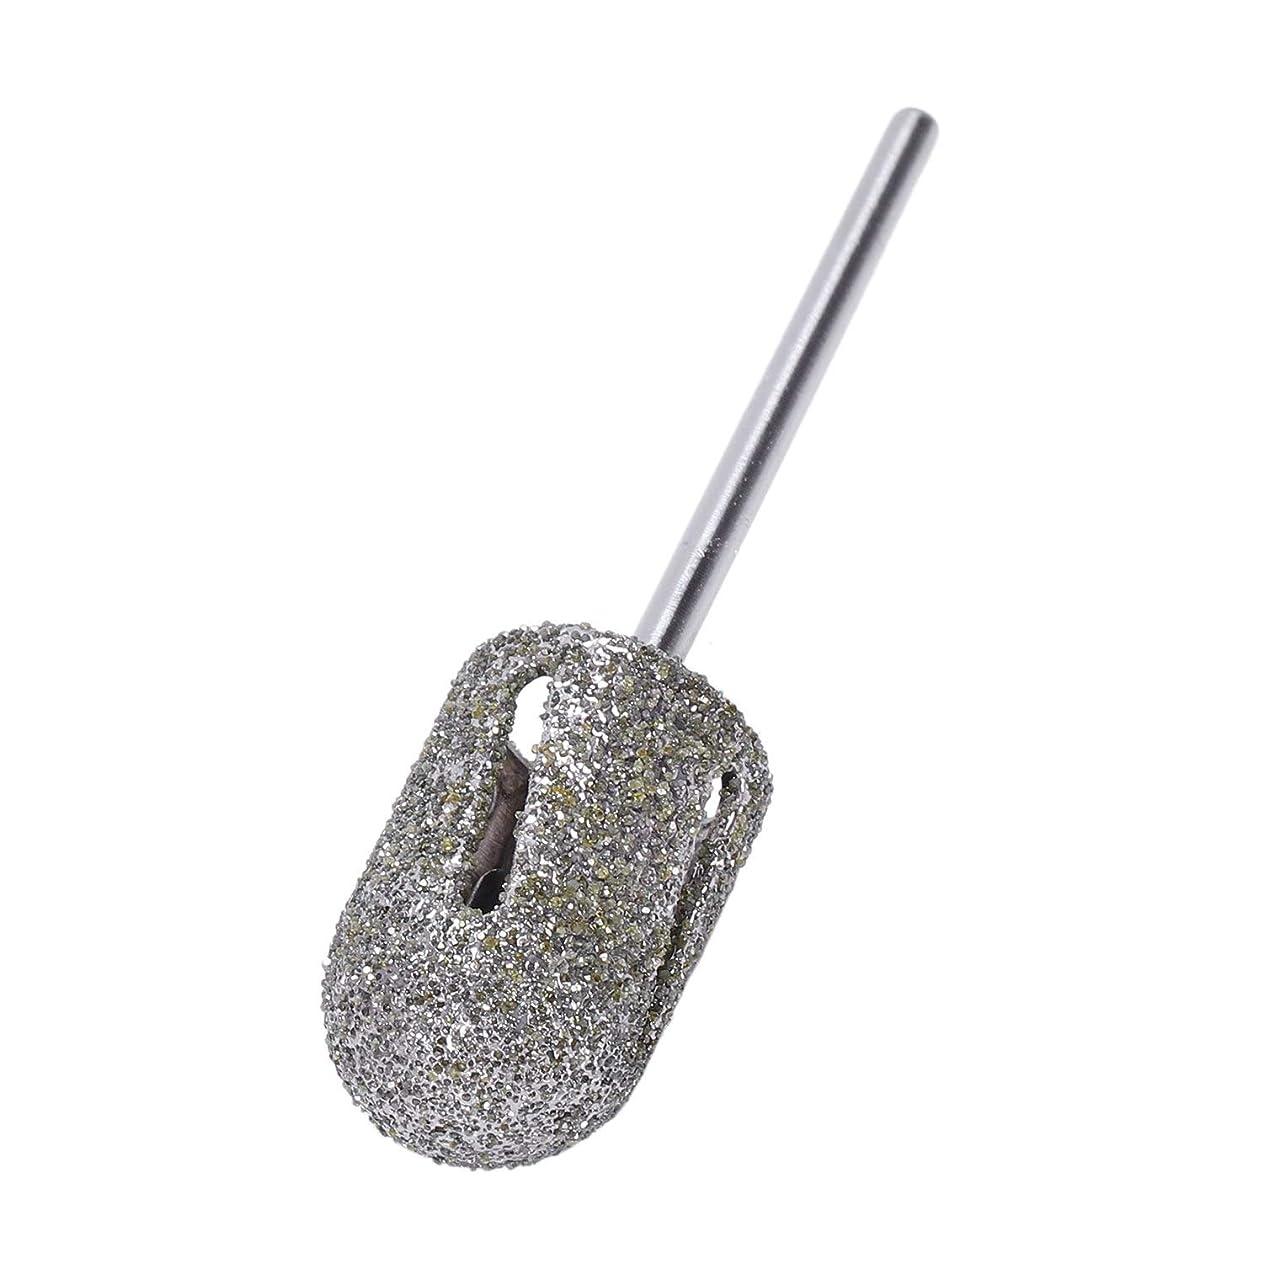 試してみる肥沃な世界的にTOOGOO ダイヤモンドドリルビットロータリー フットキューティクルクリーン マニキュアペディキュアツール ドリルアクセサリー ネイルミルズ-1